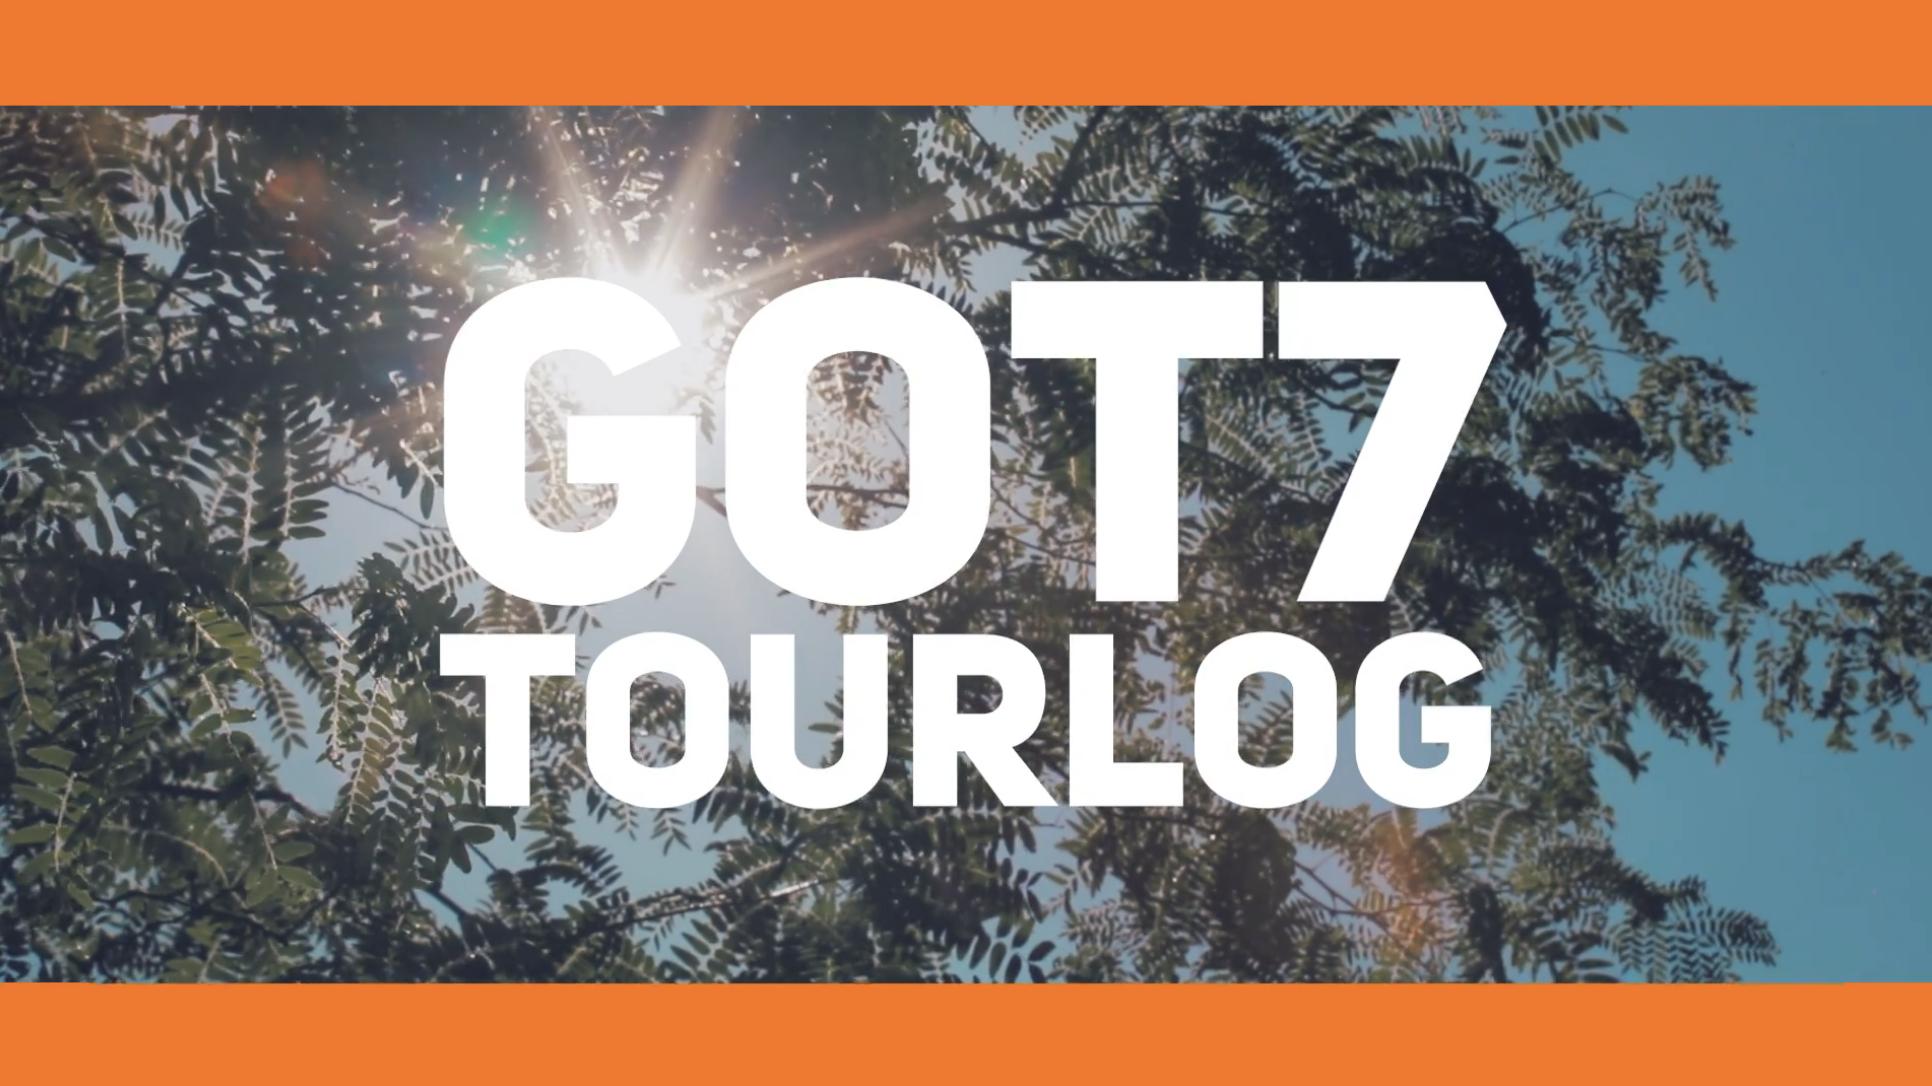 GOT7 TOURLOG